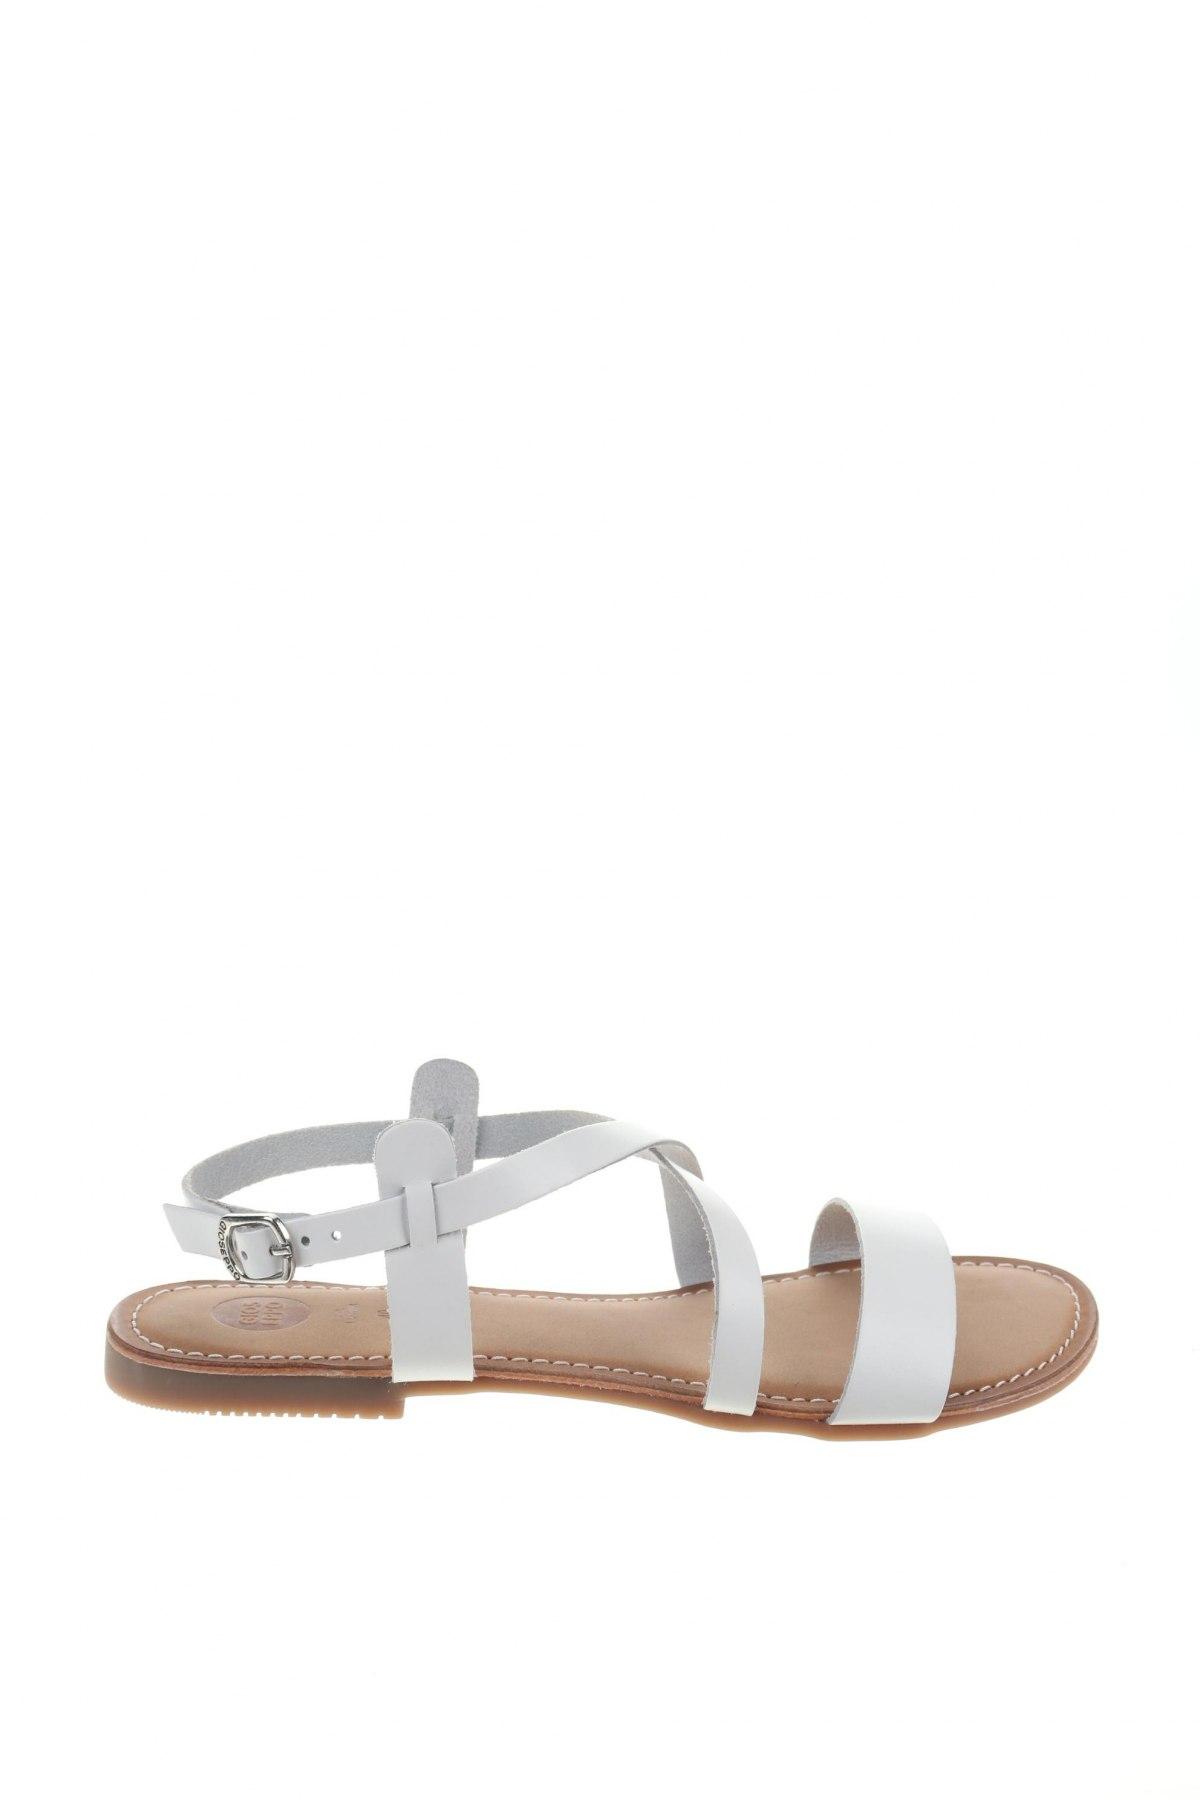 Σανδάλια Gioseppo, Μέγεθος 40, Χρώμα Λευκό, Γνήσιο δέρμα, Τιμή 21,65€